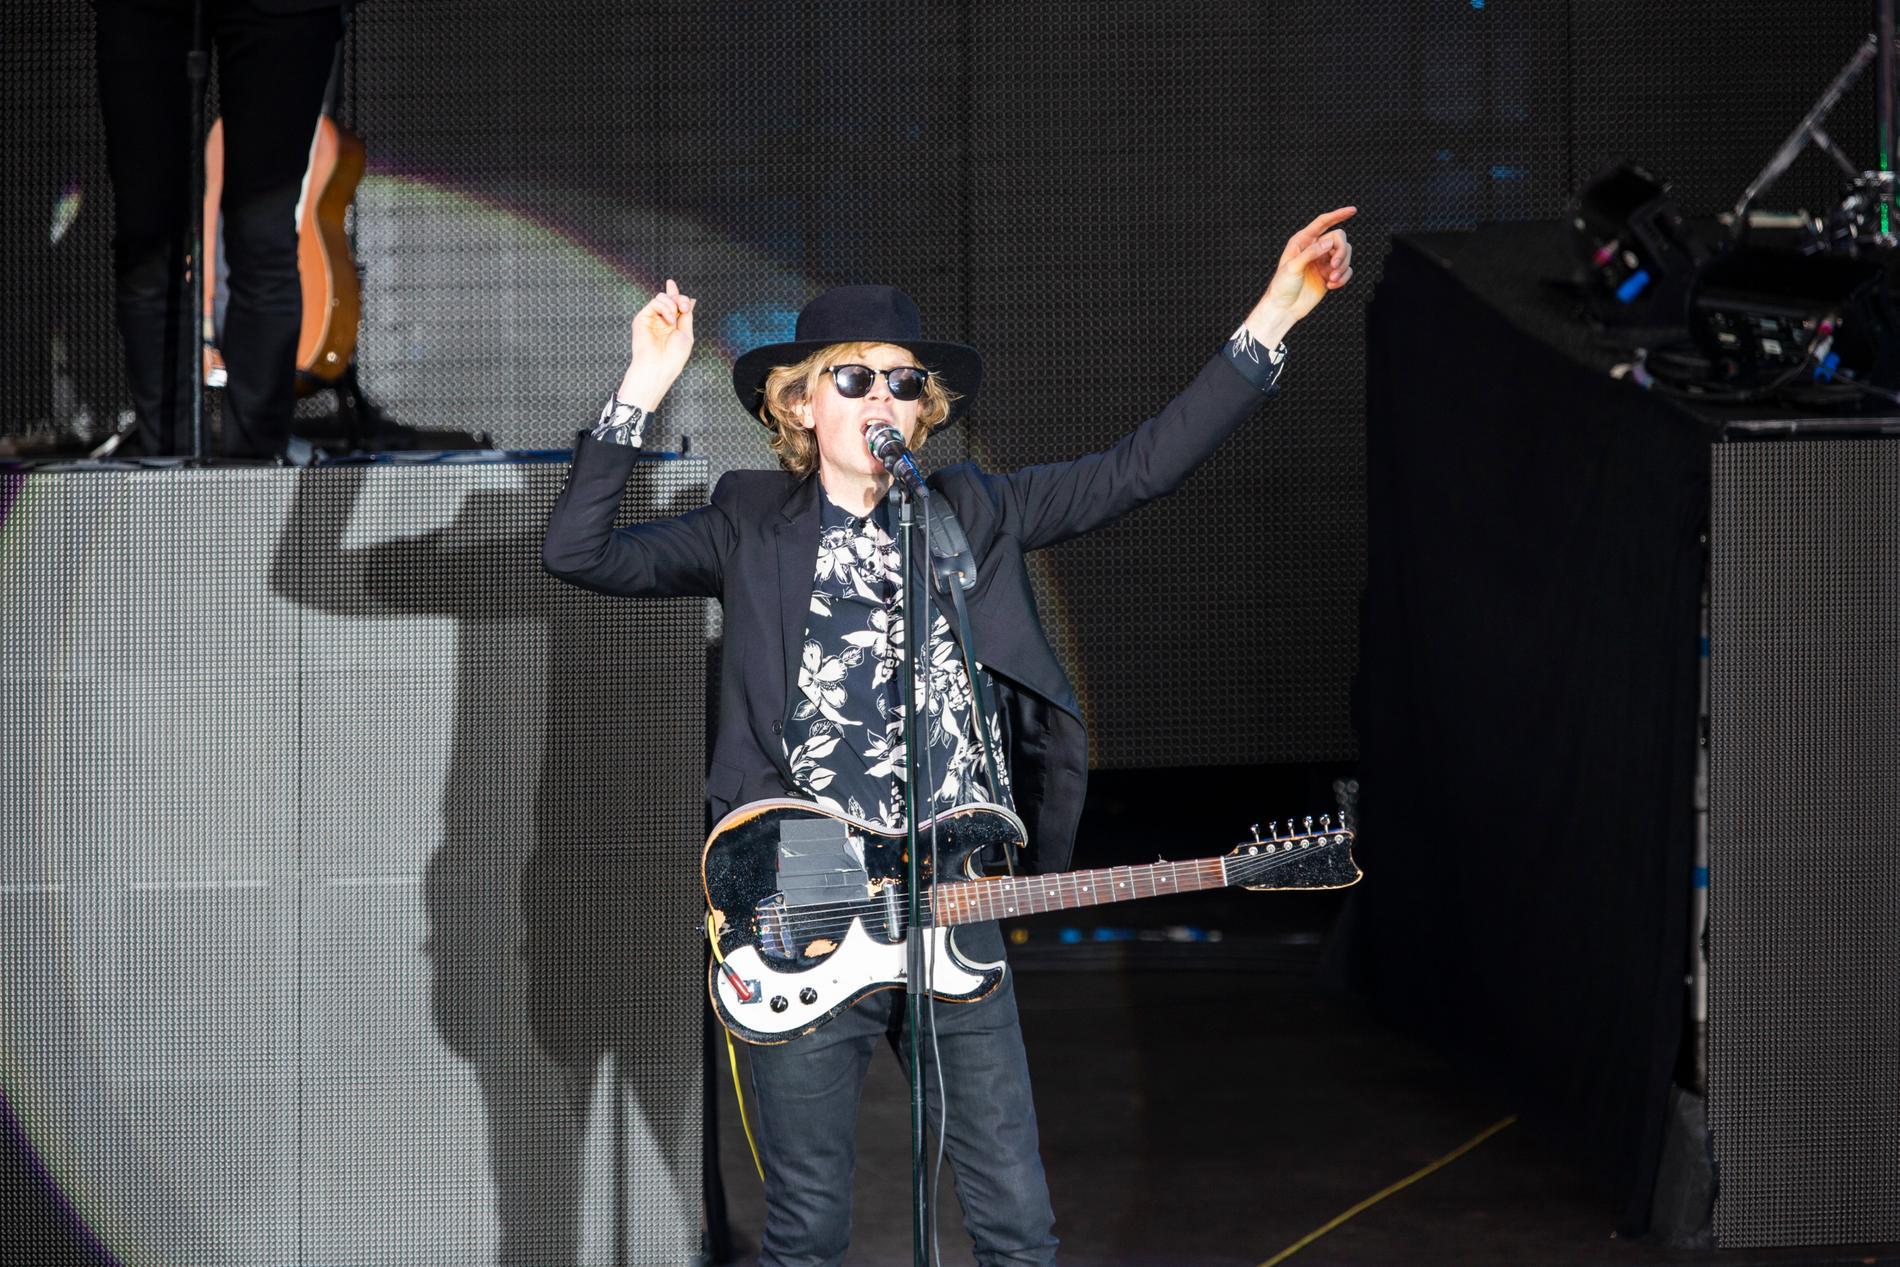 Beck är mer färgglad i musiken än på bild.